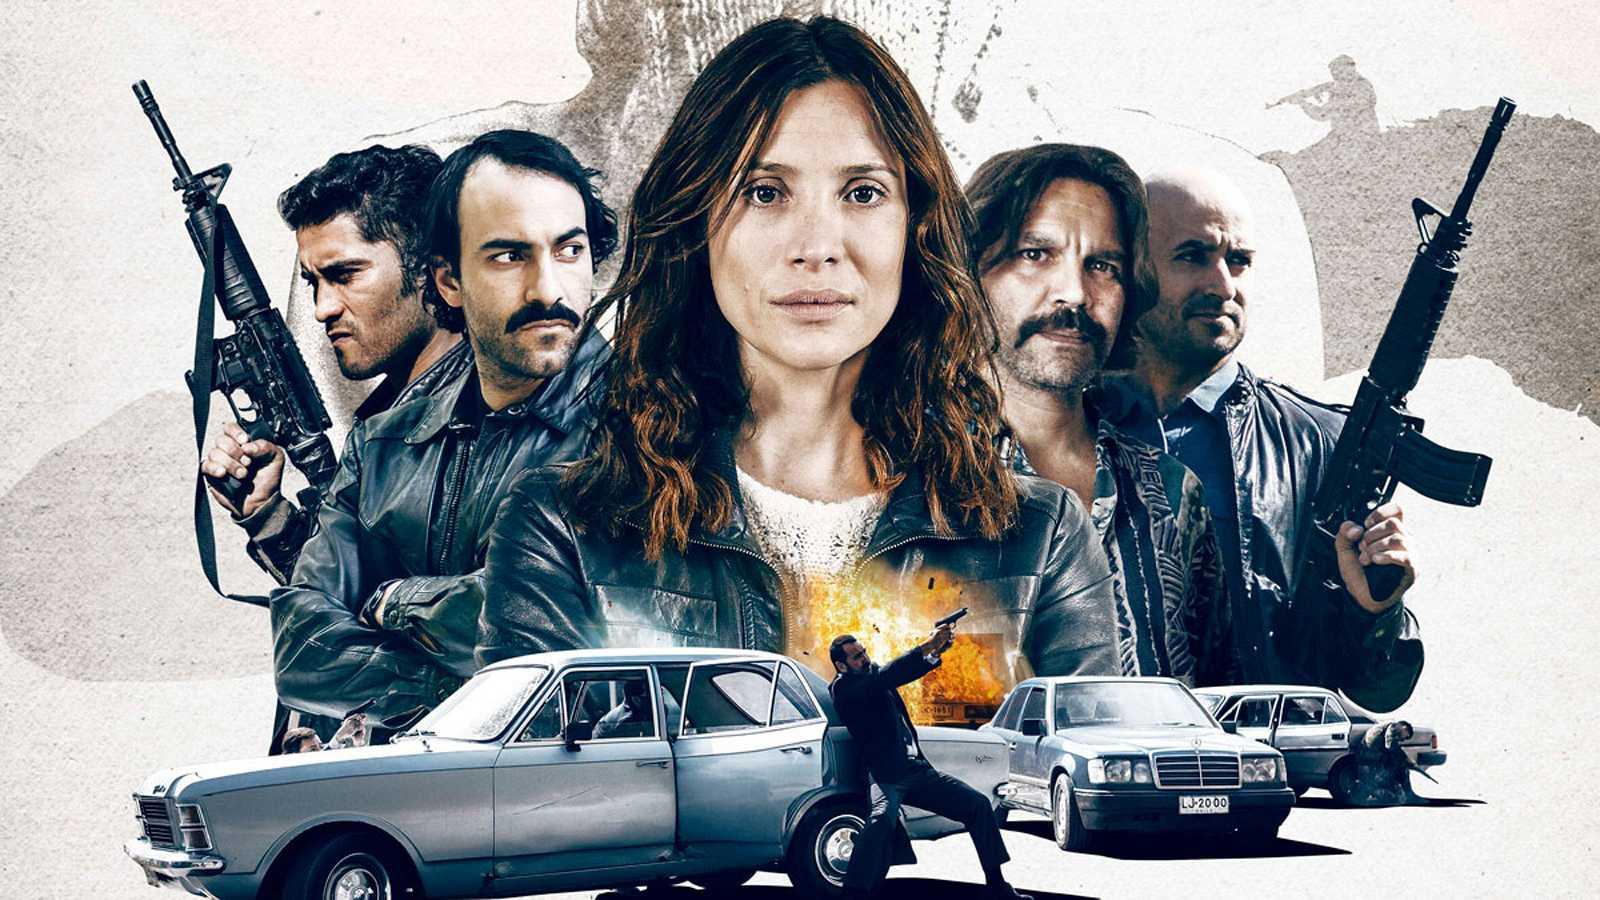 Hora América de cine - Juan Ignacio Sabatini presenta 'Matar a Pinochet', que se estrena en España - escuchar ahora